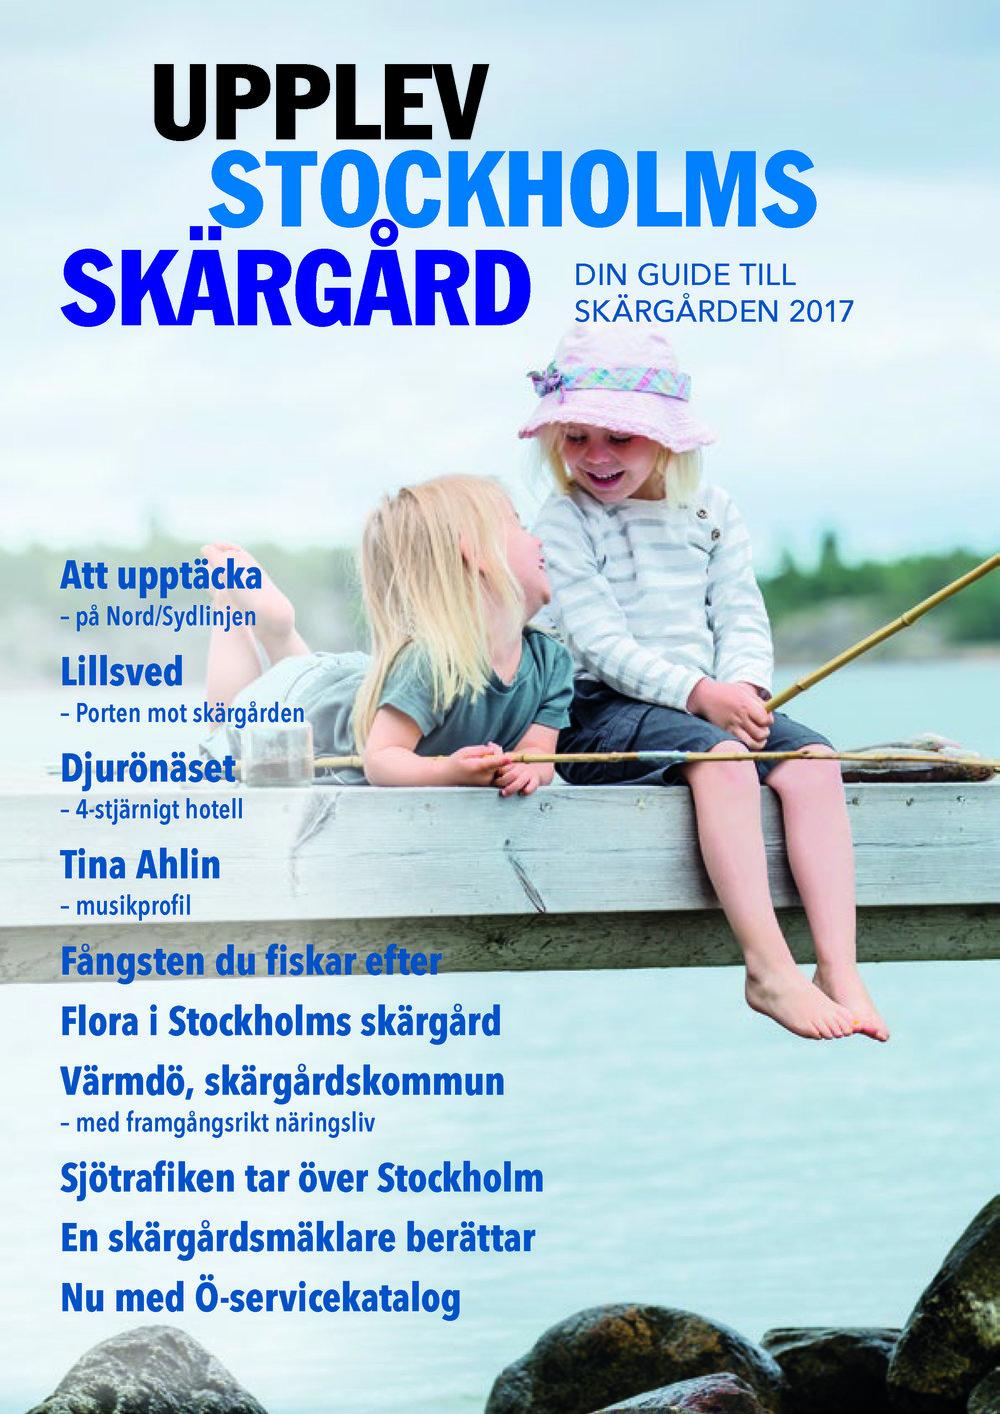 Upplev Stockholms Skärgård 2017 Vår/sommar